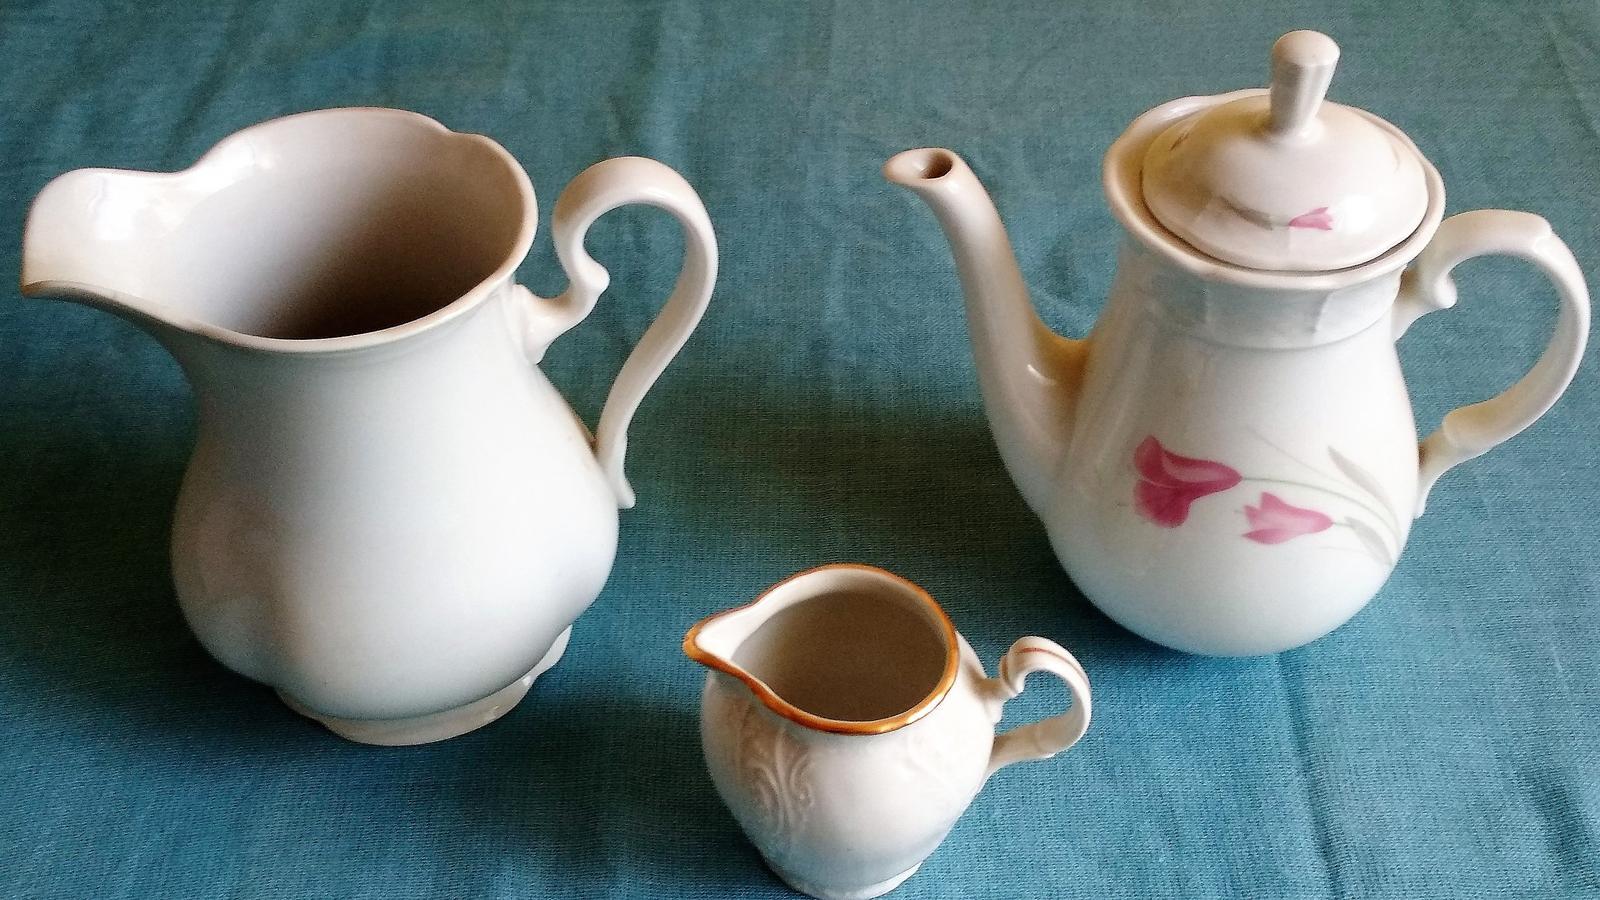 Čajník, krčah na mlieko, smotanu - Obrázok č. 1